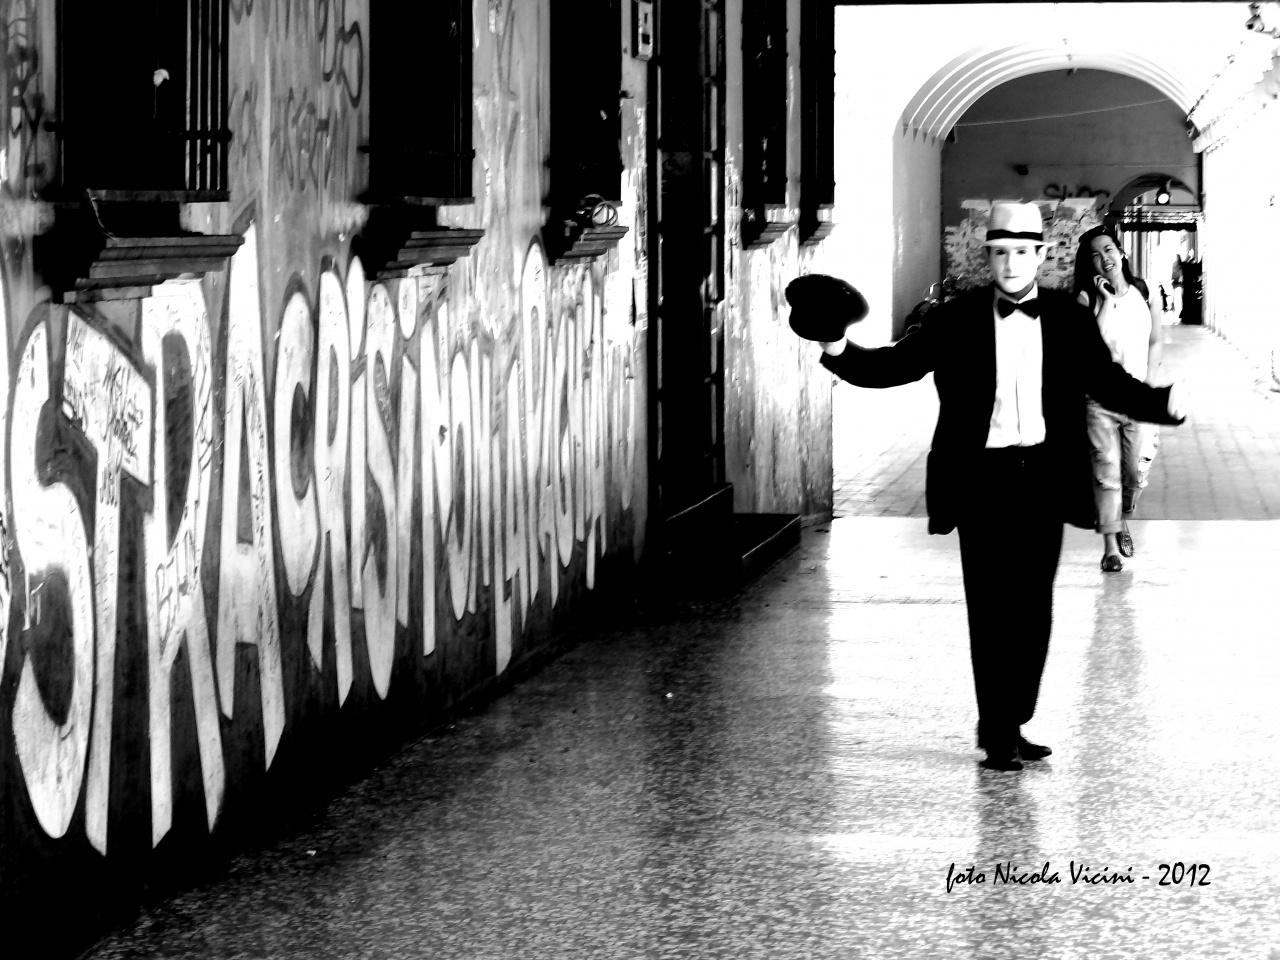 il mimo - Reportage a Bologna, 30 Maggio 2012  Camminando sotto ai portici, cercando di raccontare in un immagine  uno dei momenti del quotidiano di questa splendida città. Tre soggetti, il murale, il mimo e la ragazza sorridente col telefonino  raccontano tre storie differenti